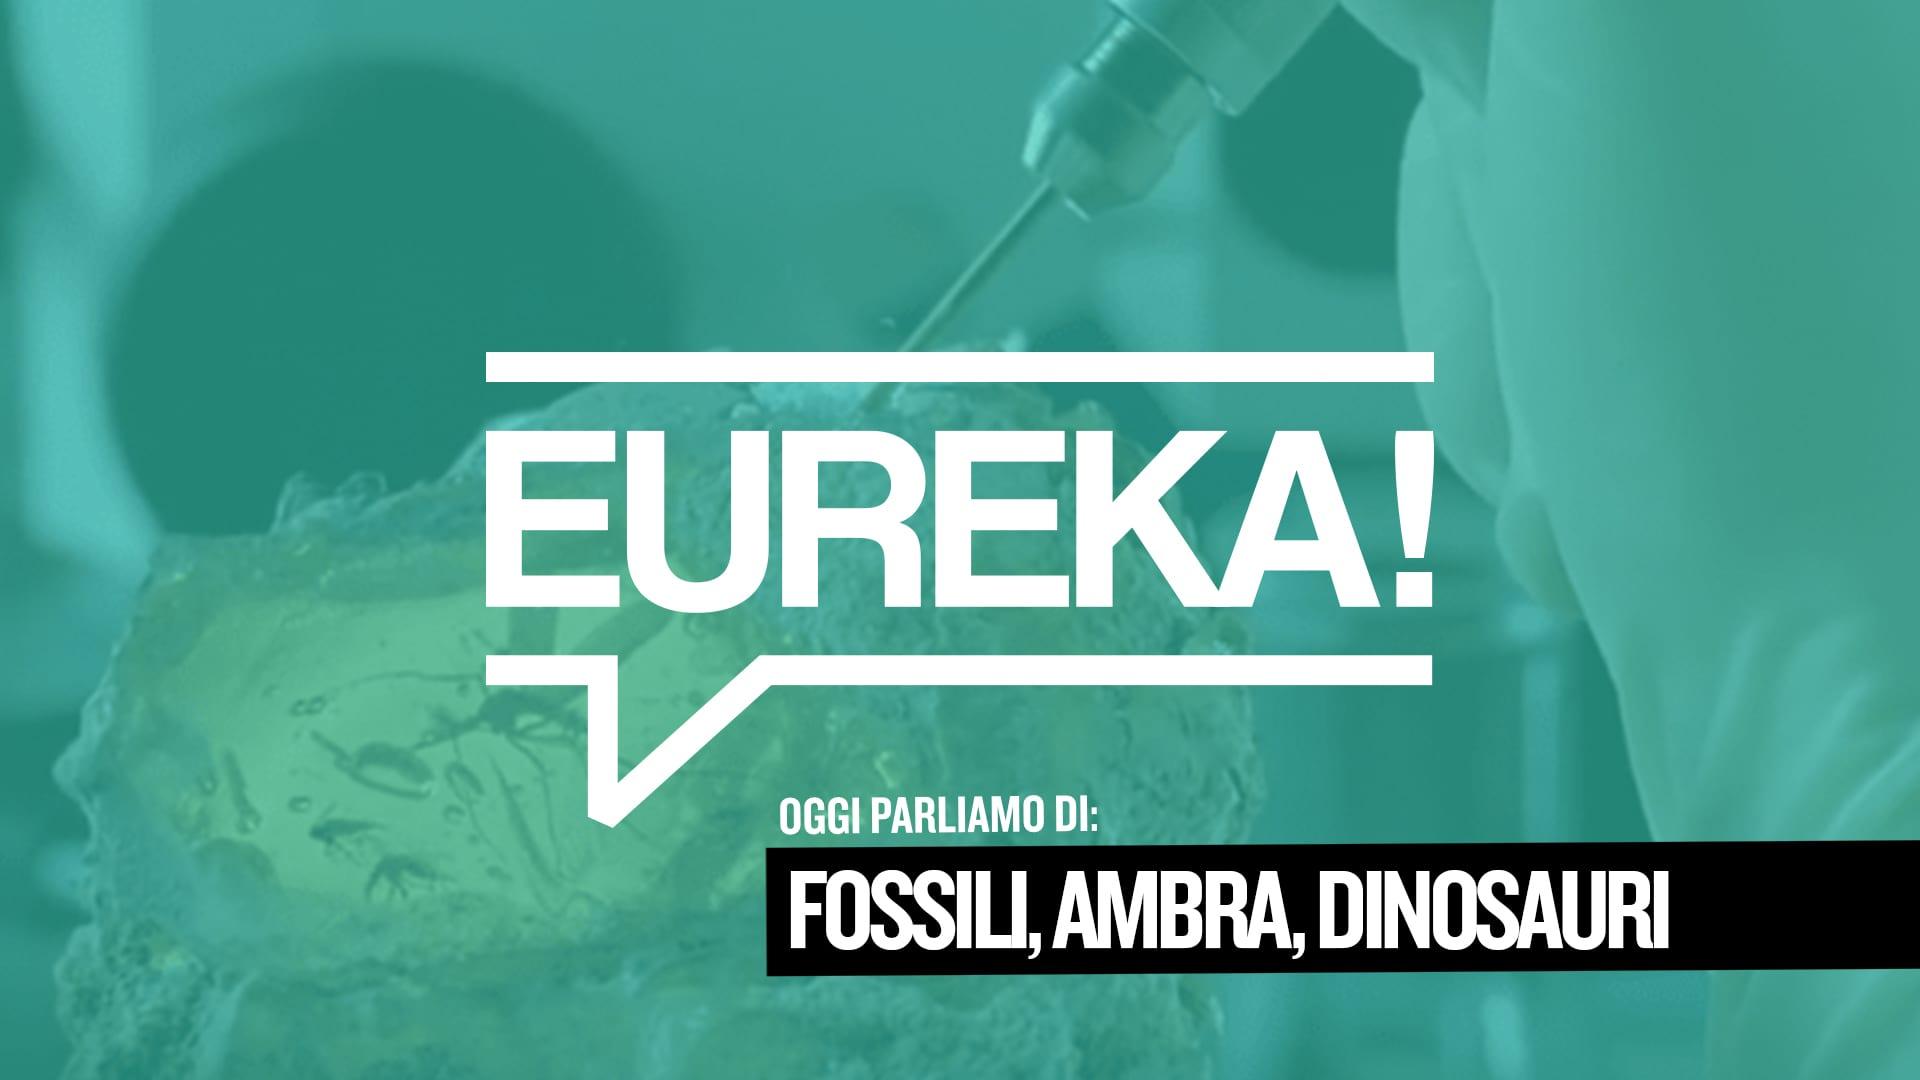 Eureka! 02 – Ambra e dinosauri tra finzione e realtà